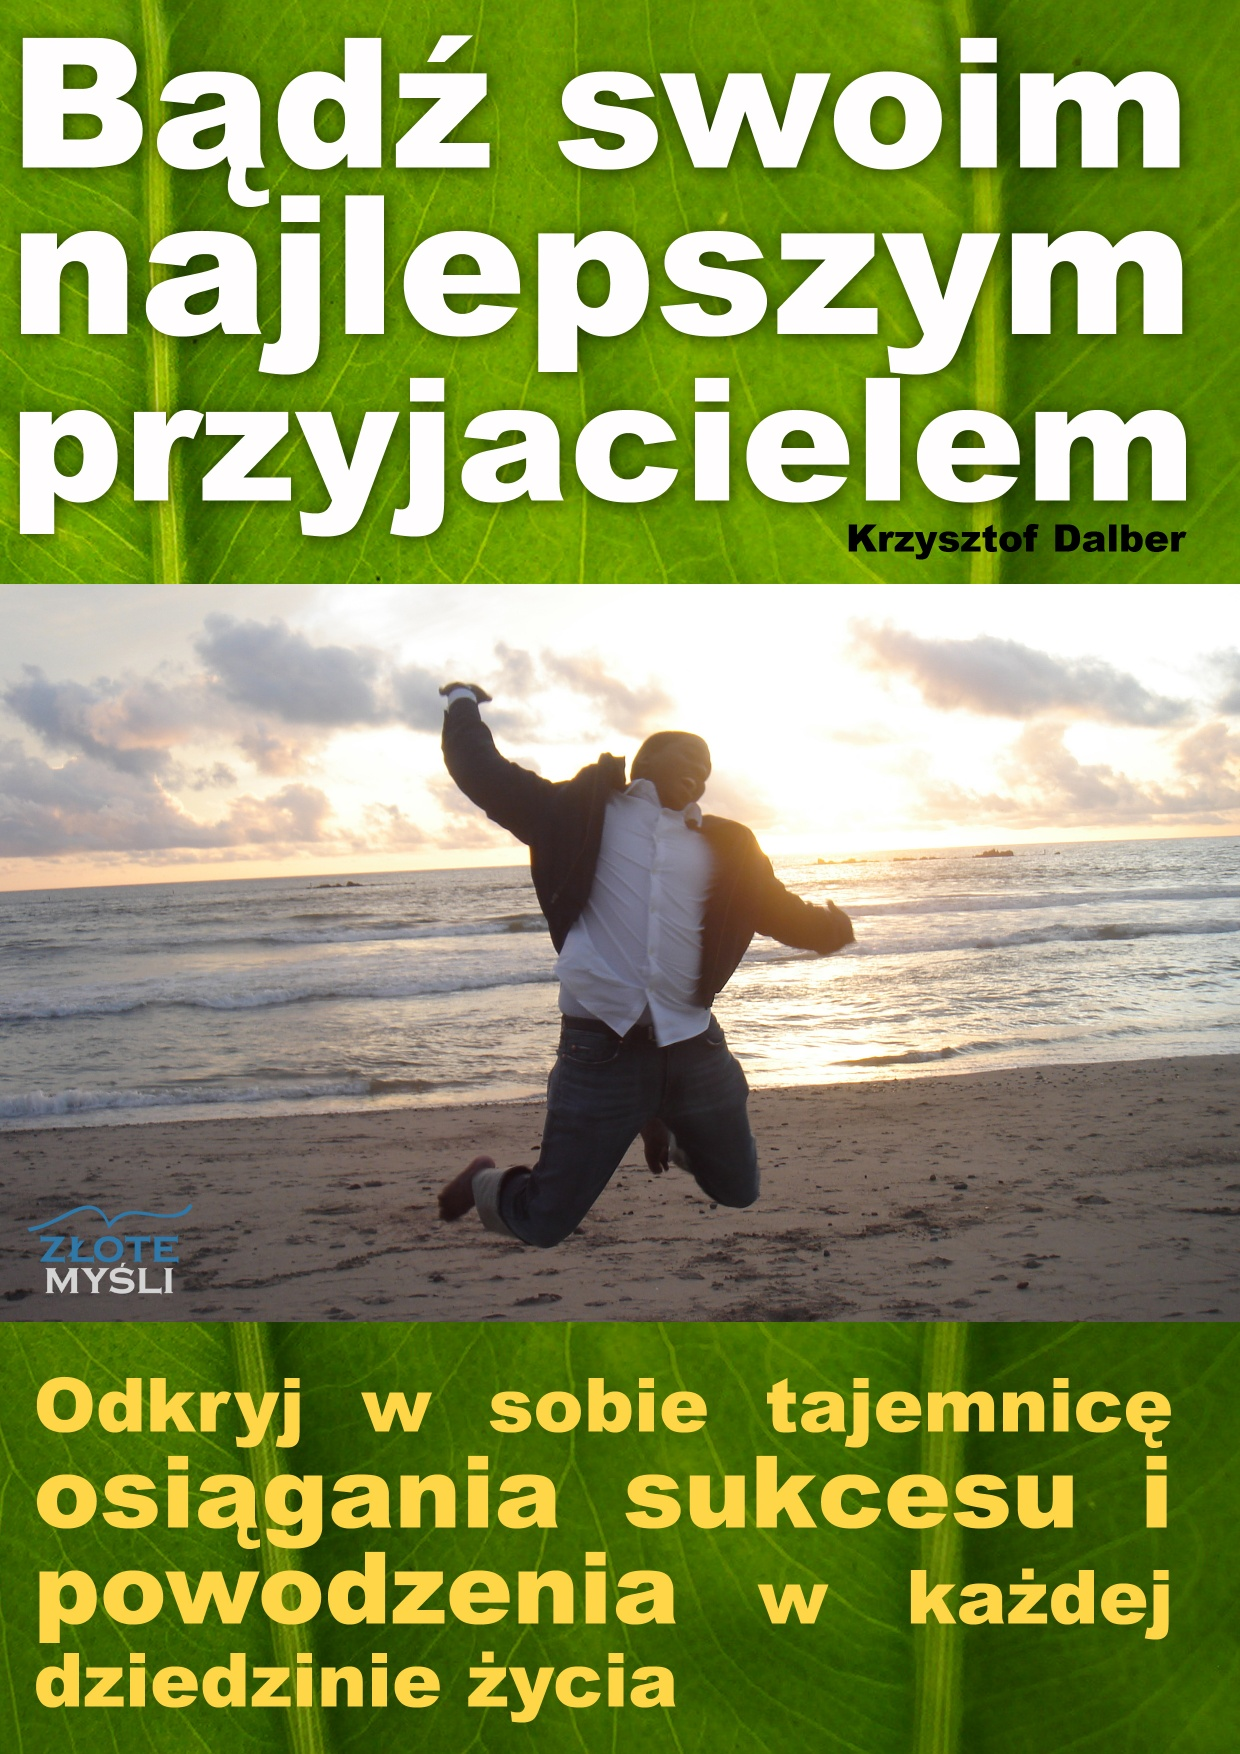 Krzysztof Dalber: Bądź swoim najlepszym przyjacielem - okładka